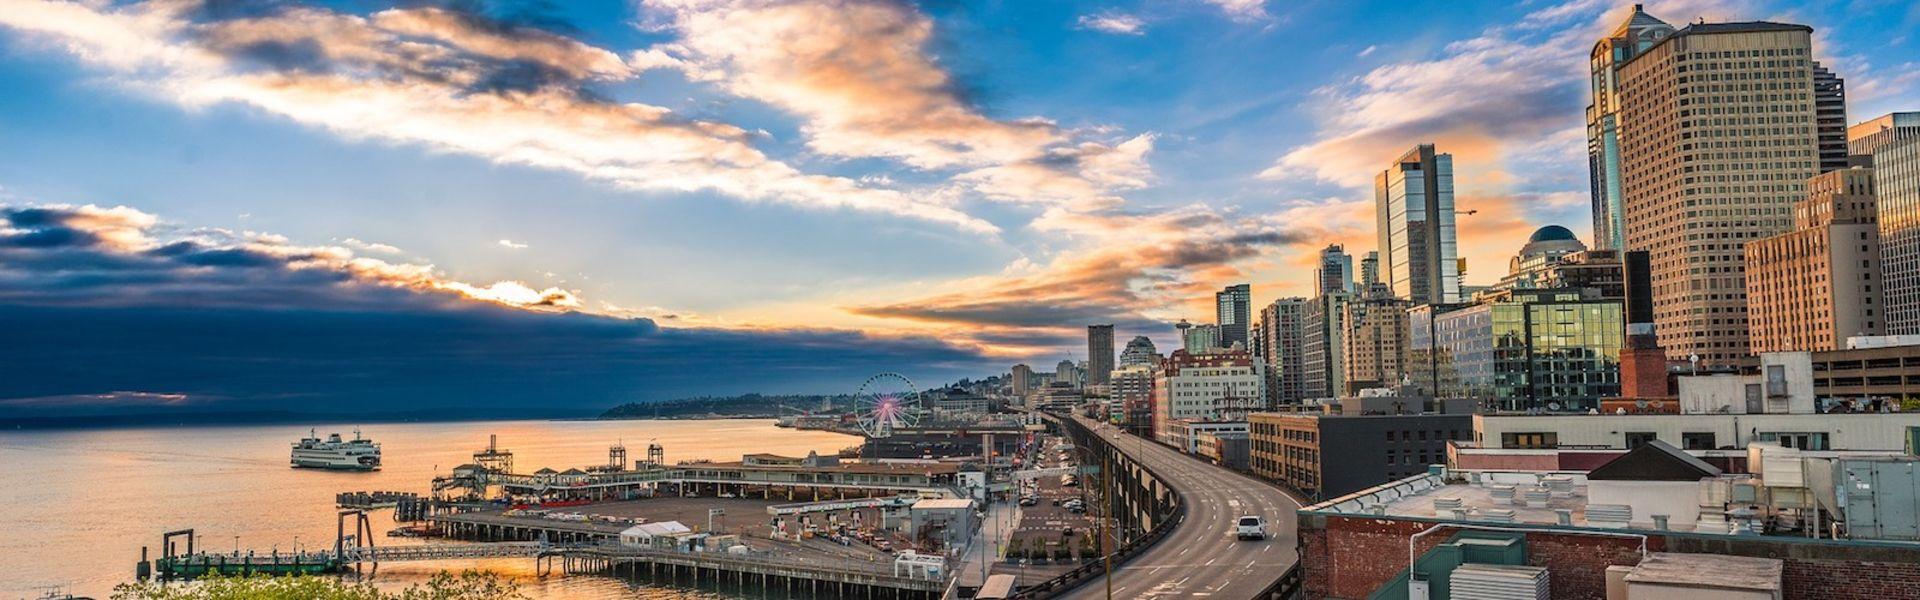 Top 5 Neighborhoods in Seattle in 2017